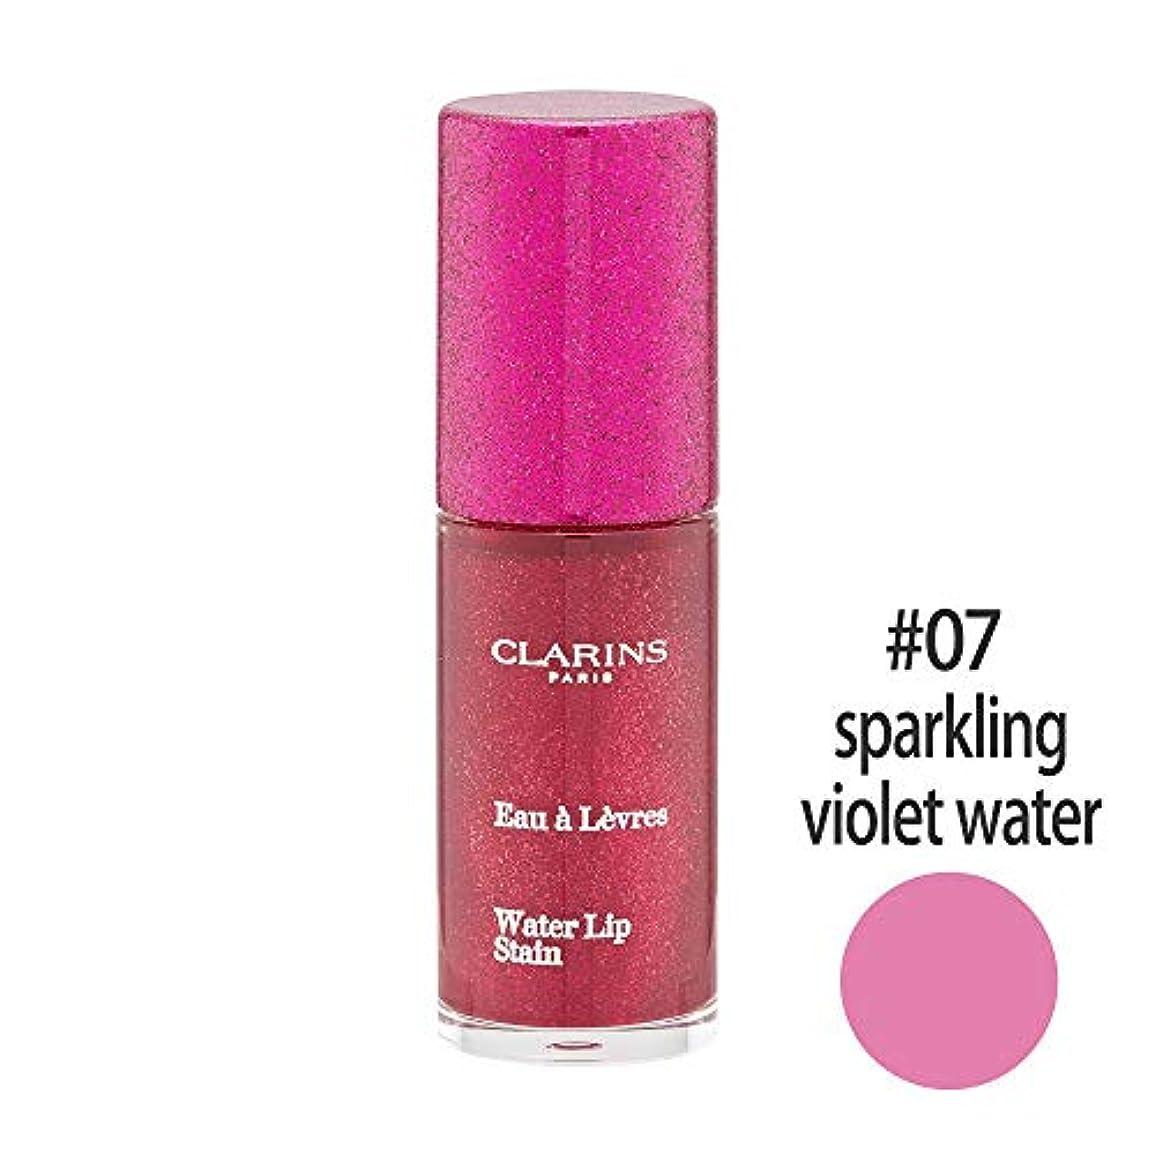 サンダー芝生生き物クラランス(CLARINS) ウォーターリップ ステイン #07(sparkling violet water) [並行輸入品]